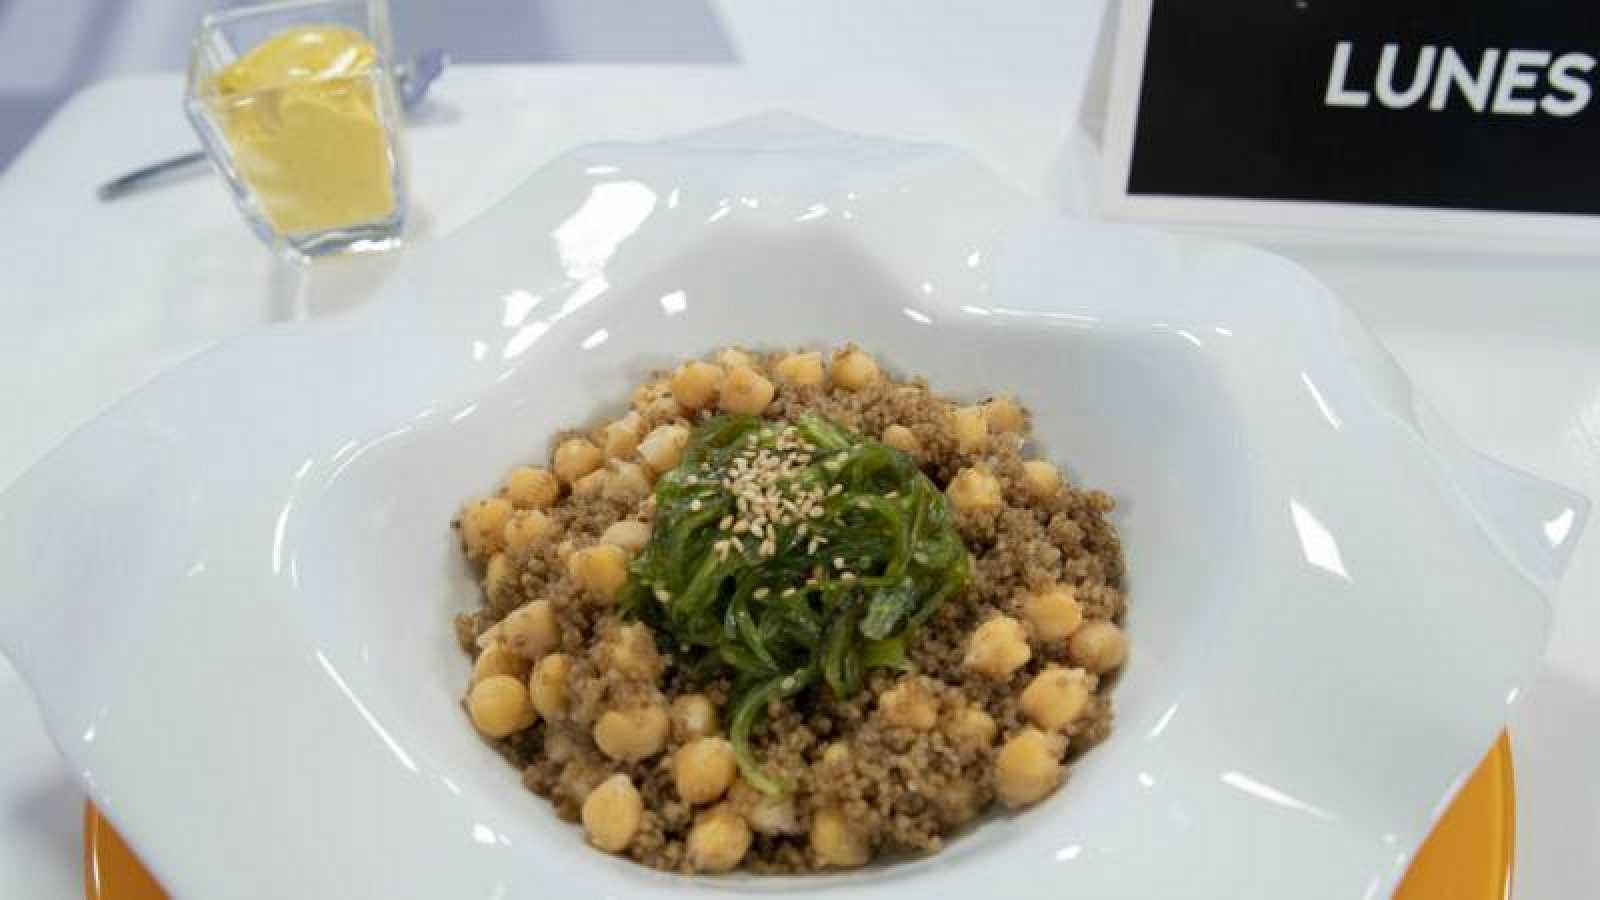 Ensalada de garbanzos con quinoa y wakame